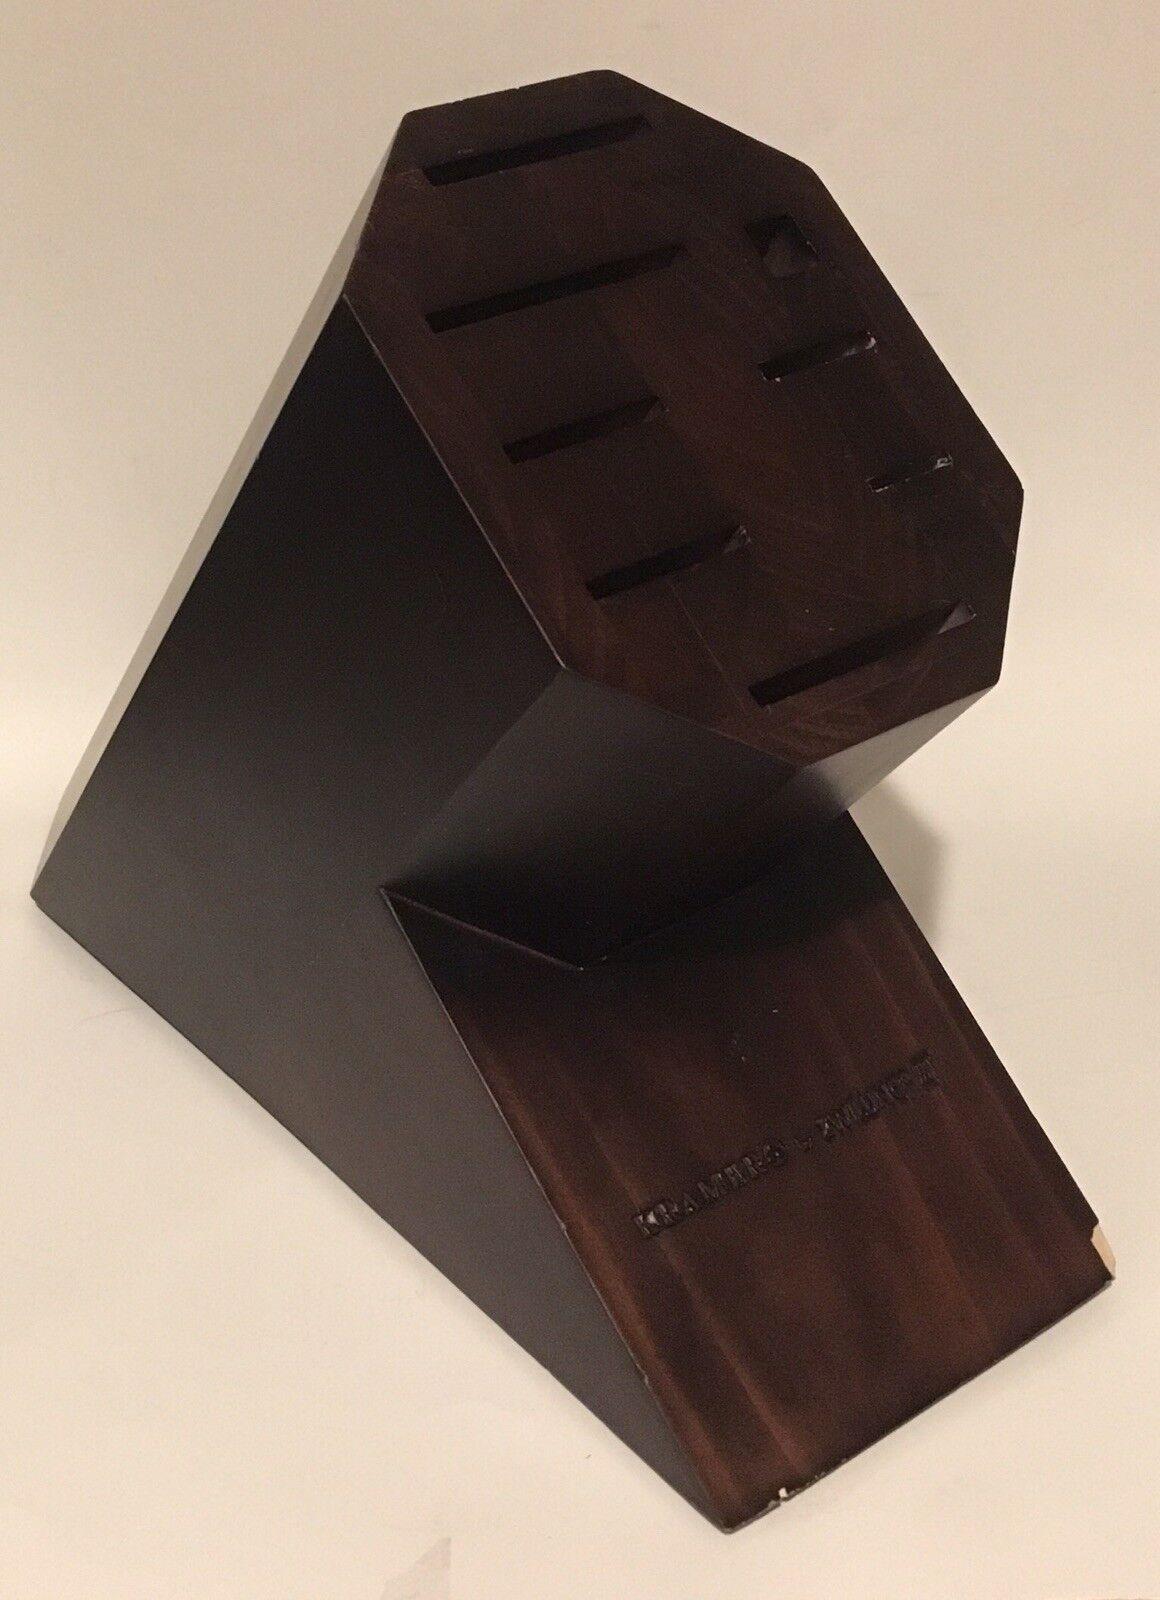 Kramer de Zwilling 8 Slot Octagon couteau Bloc Solide Noyer Bcourir Foncé